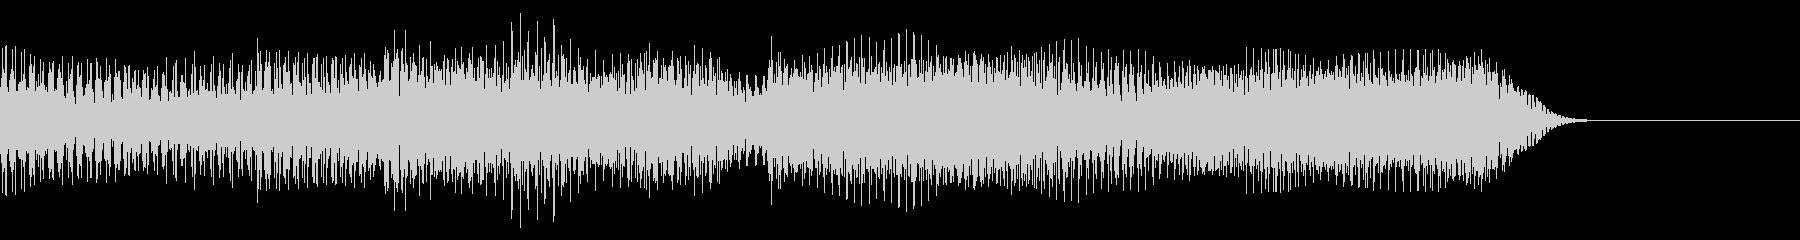 テッテレ(入手) 8bit 普通スピードの未再生の波形